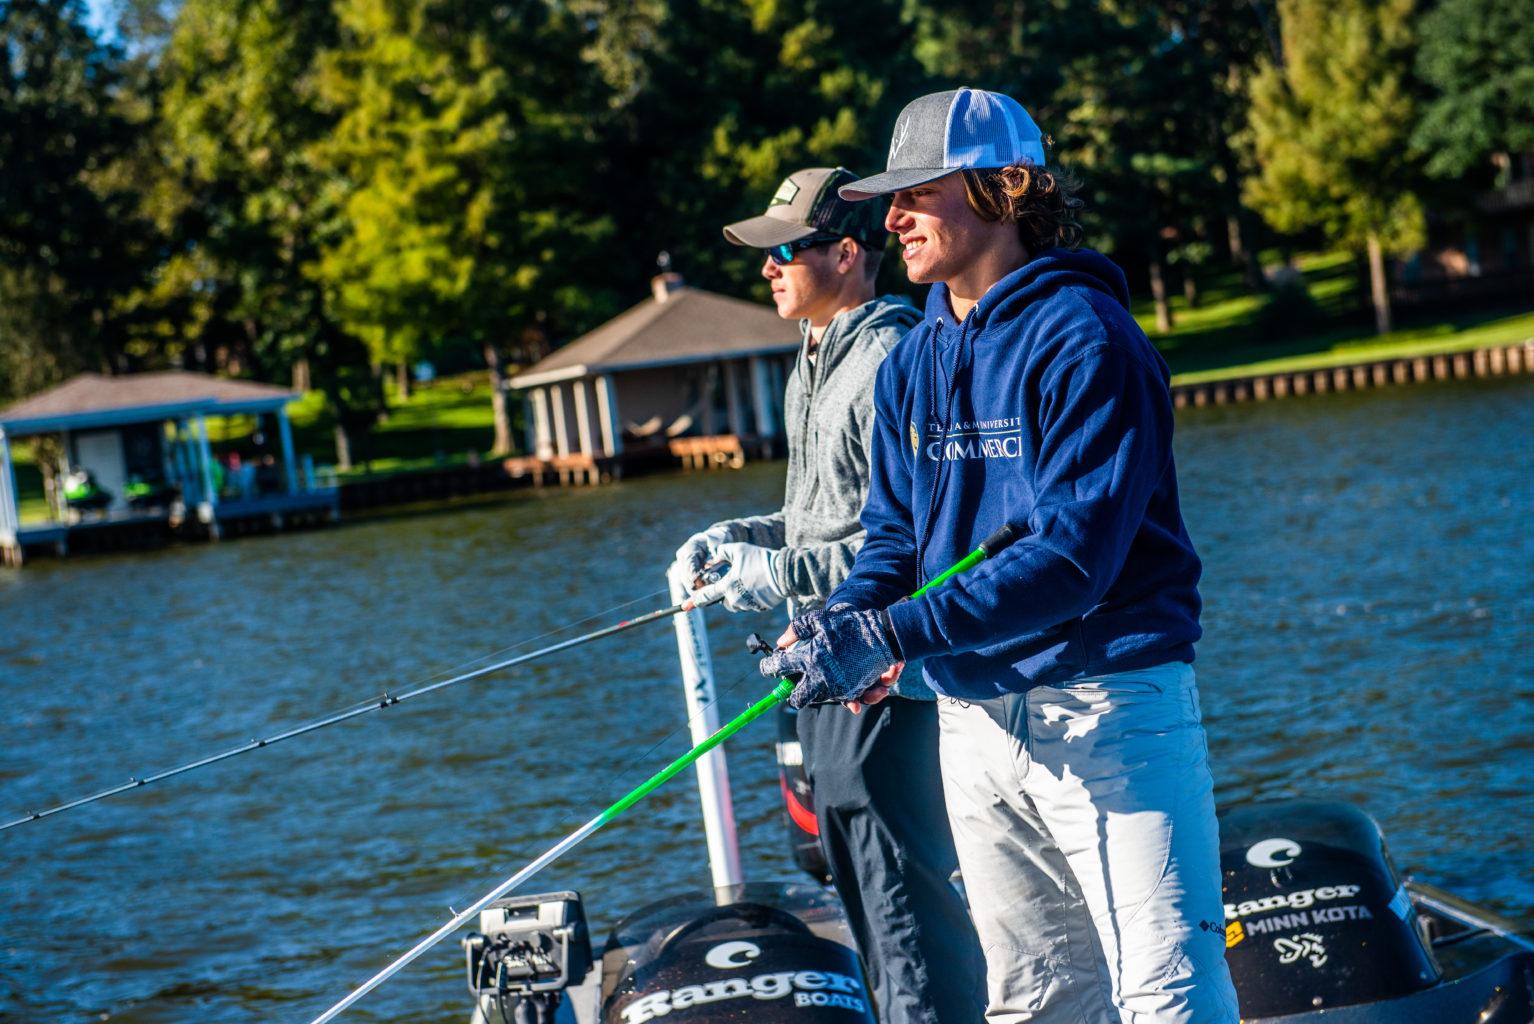 Two fishing club members fishing.